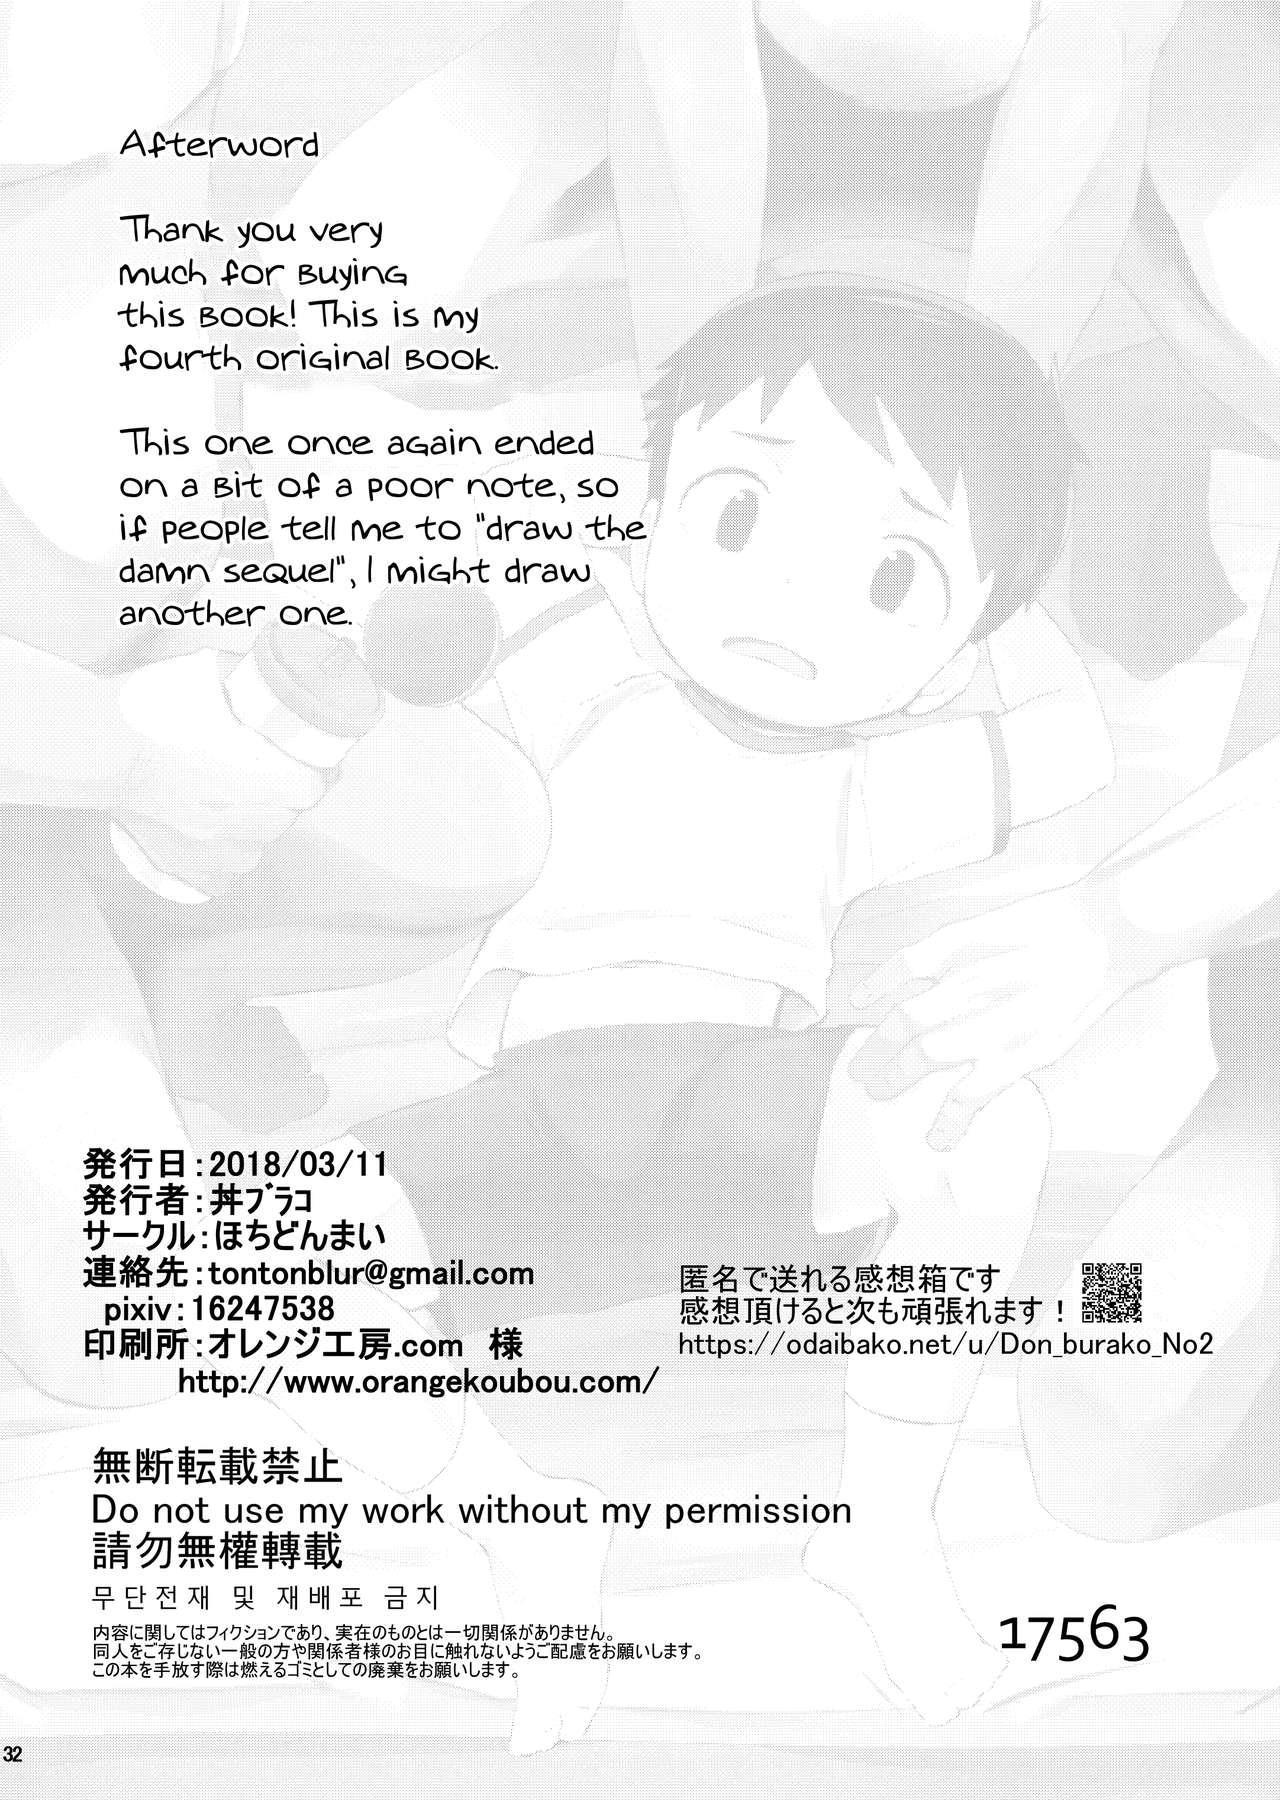 Tokubetsu Ikusei Program 32